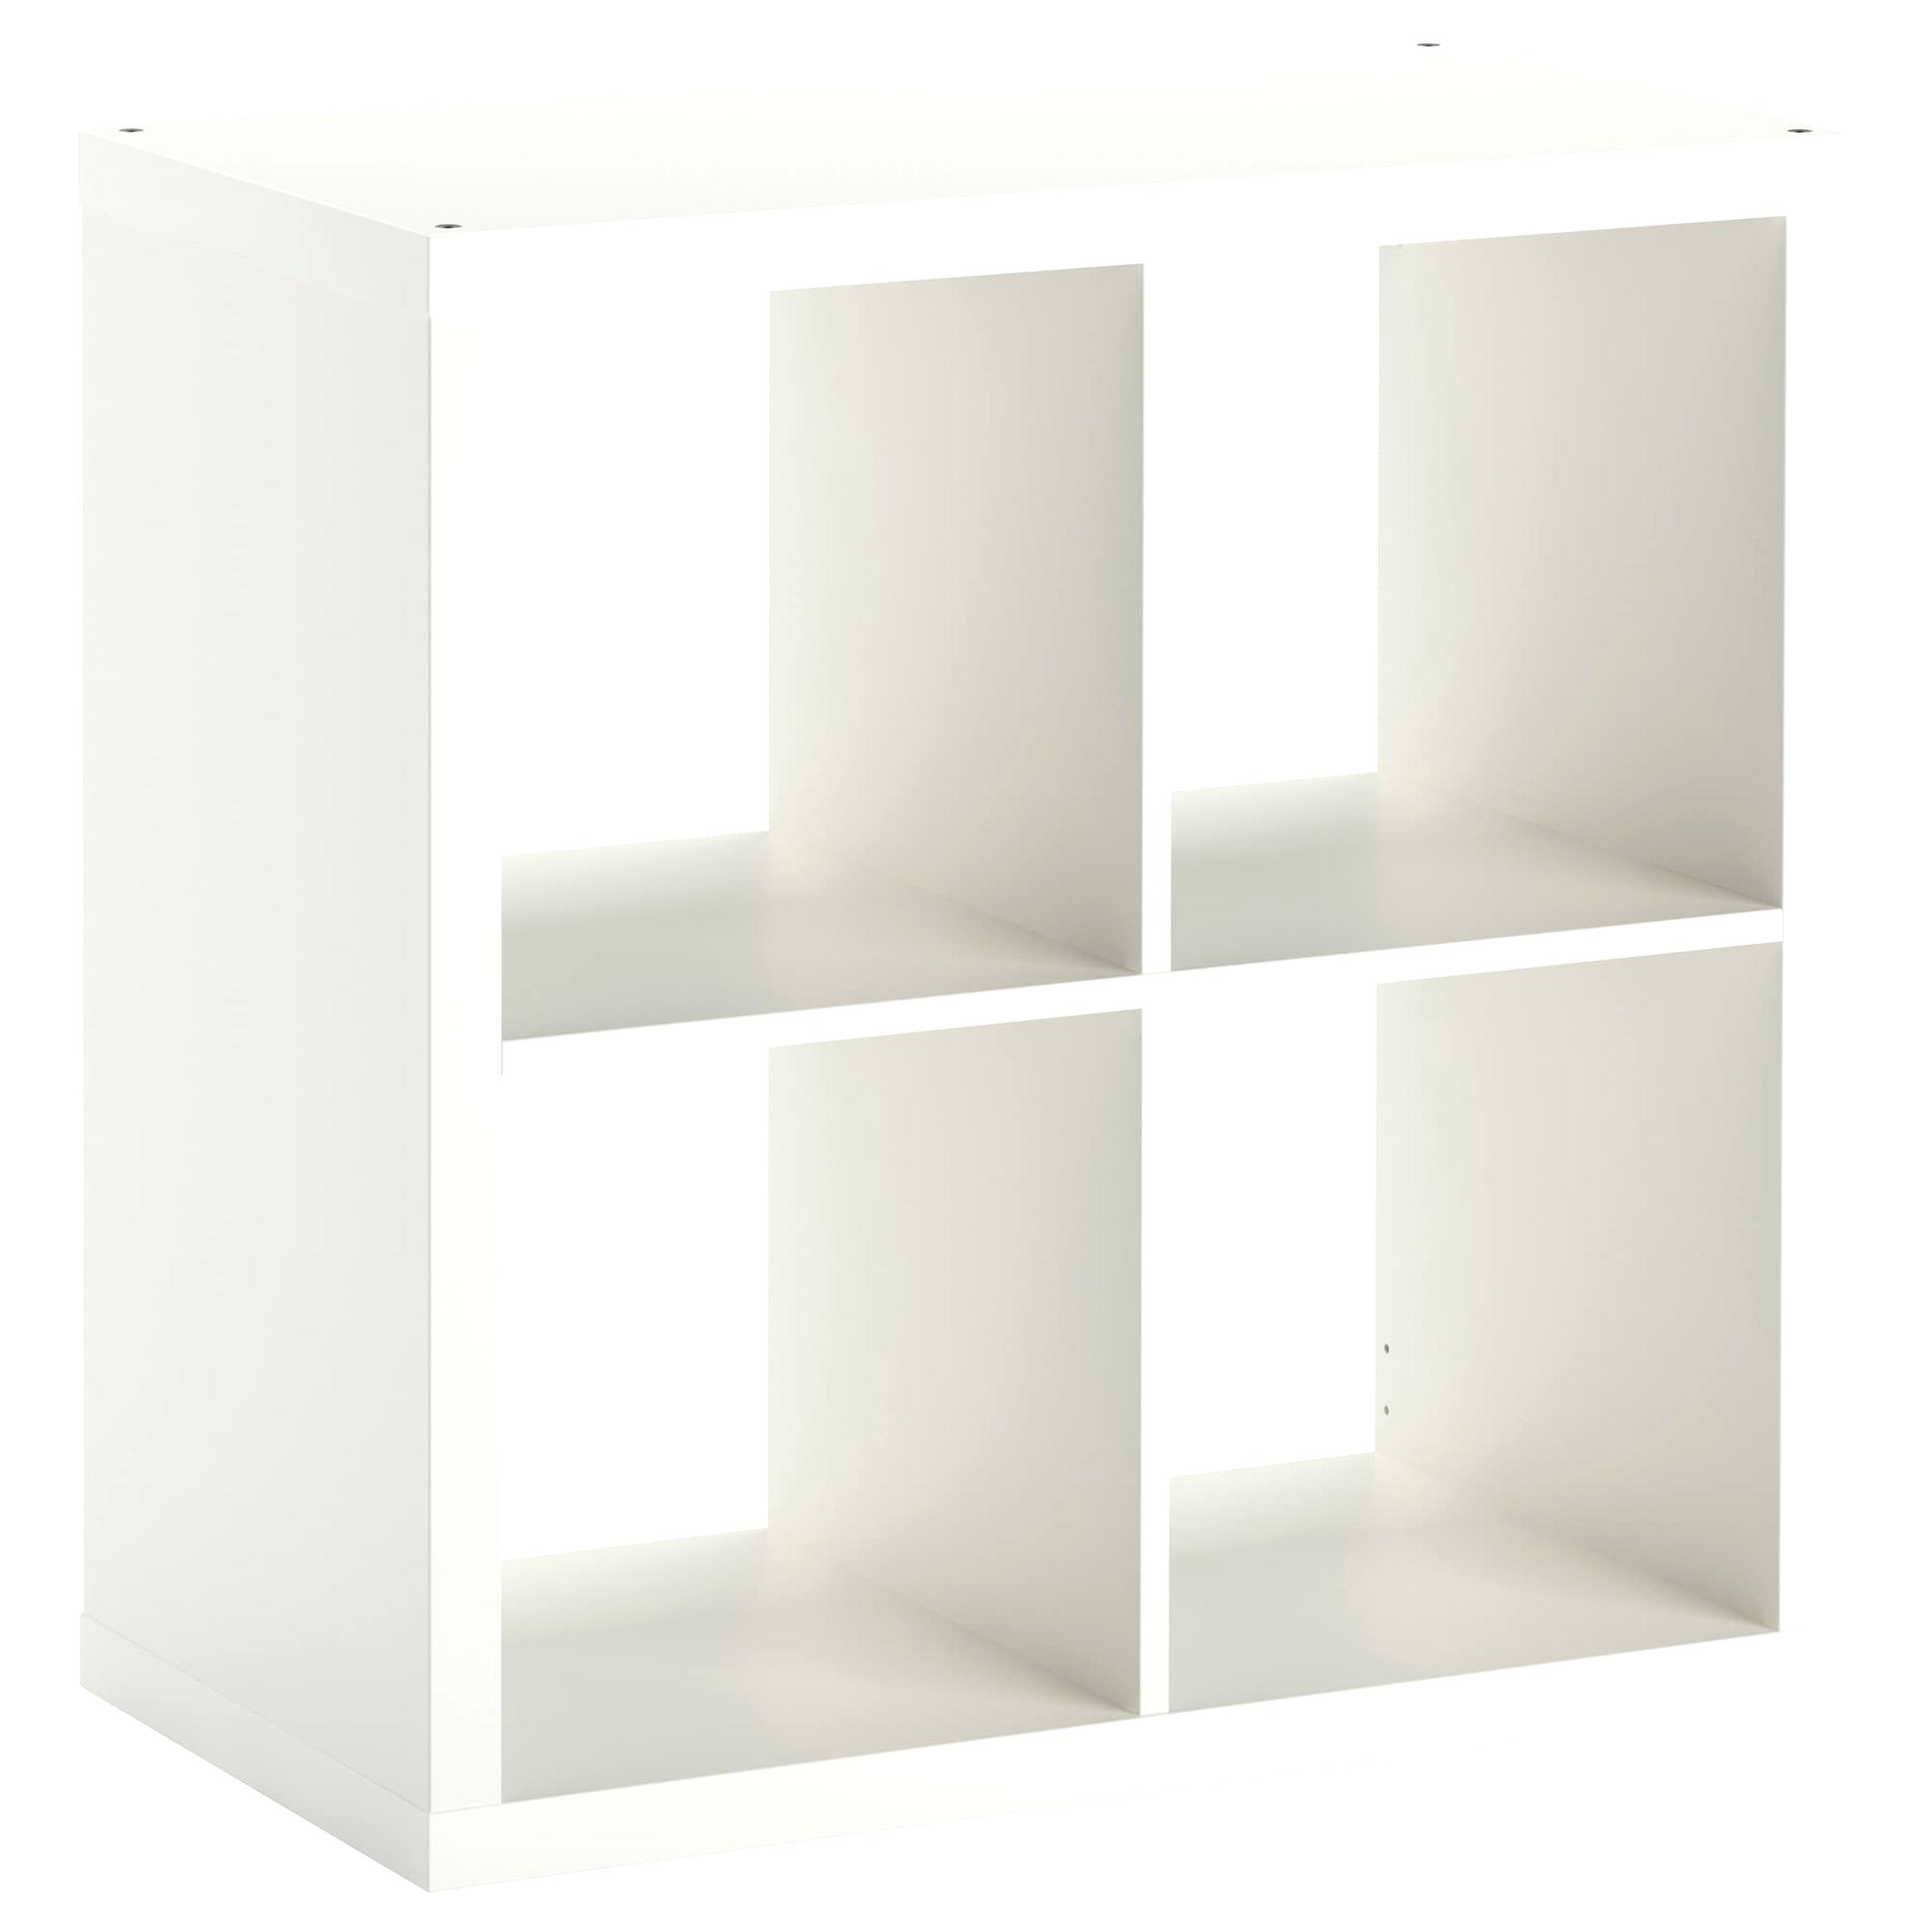 Meuble Tv Colonne Ikea meuble ikea blanc d'occasion | plus que 2 à -70%